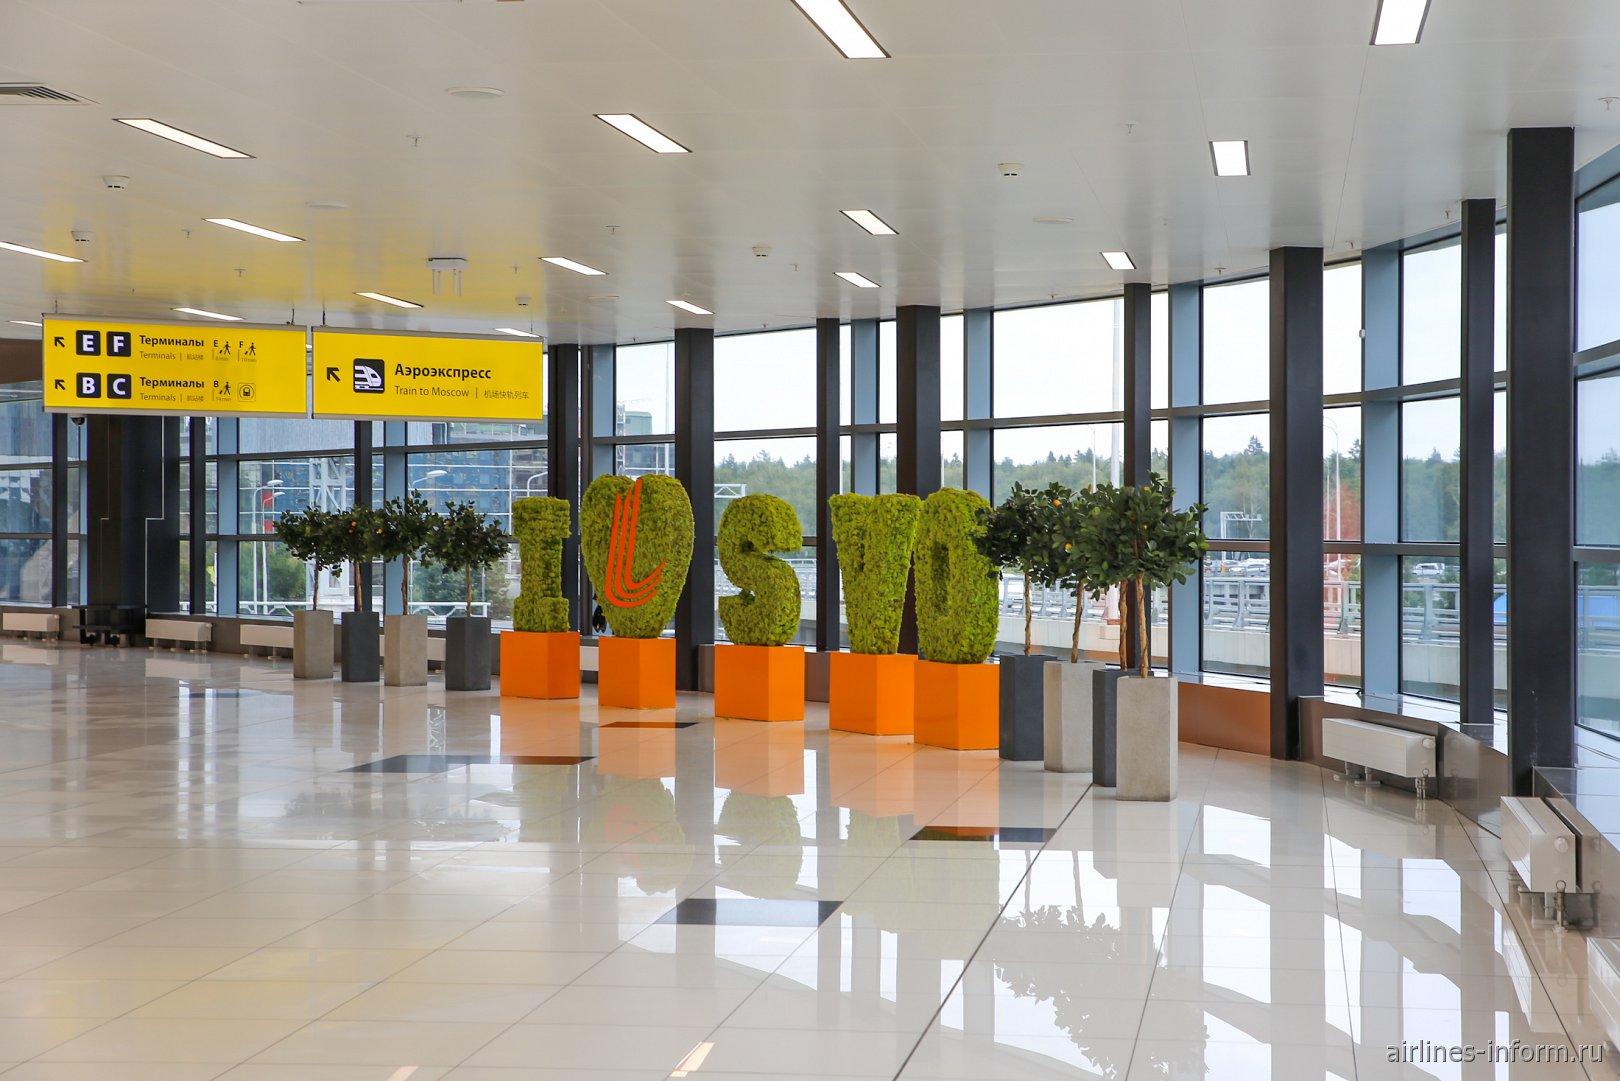 """Зеленая композиция """"Я люблю Шереметьево"""" в переходе между терминалами D и E"""